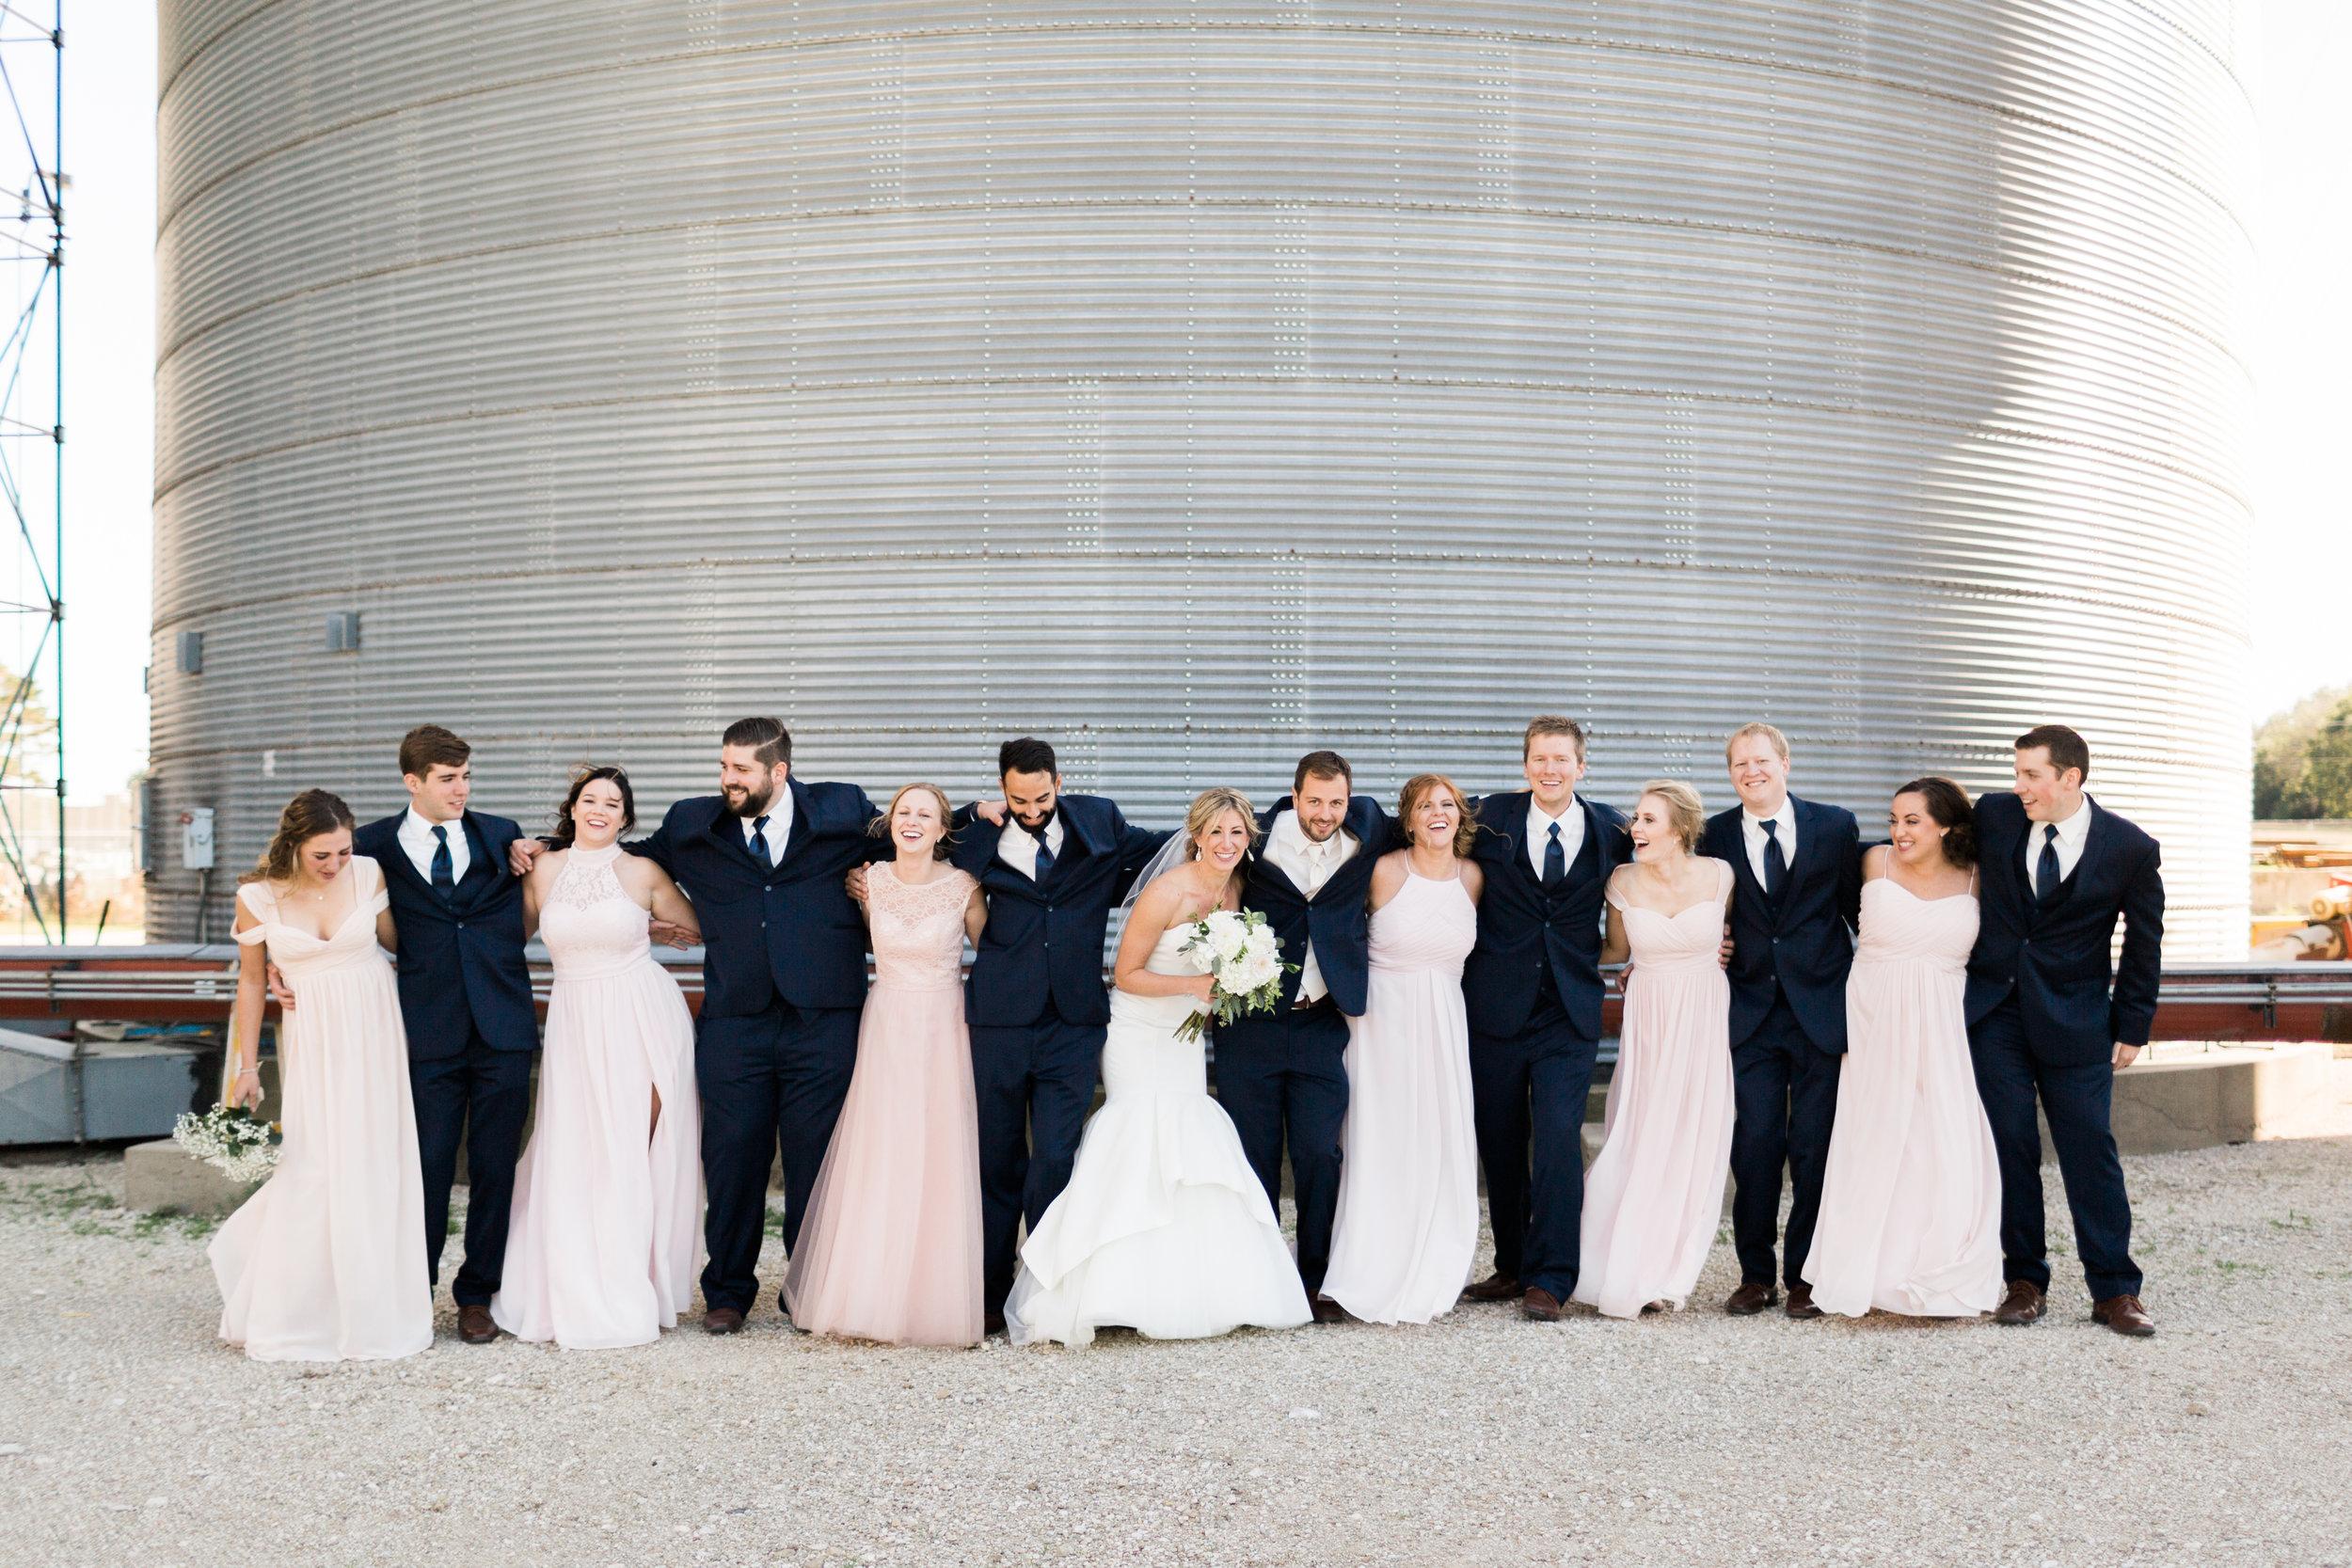 heartfeltcentraliowawedding-64.jpg